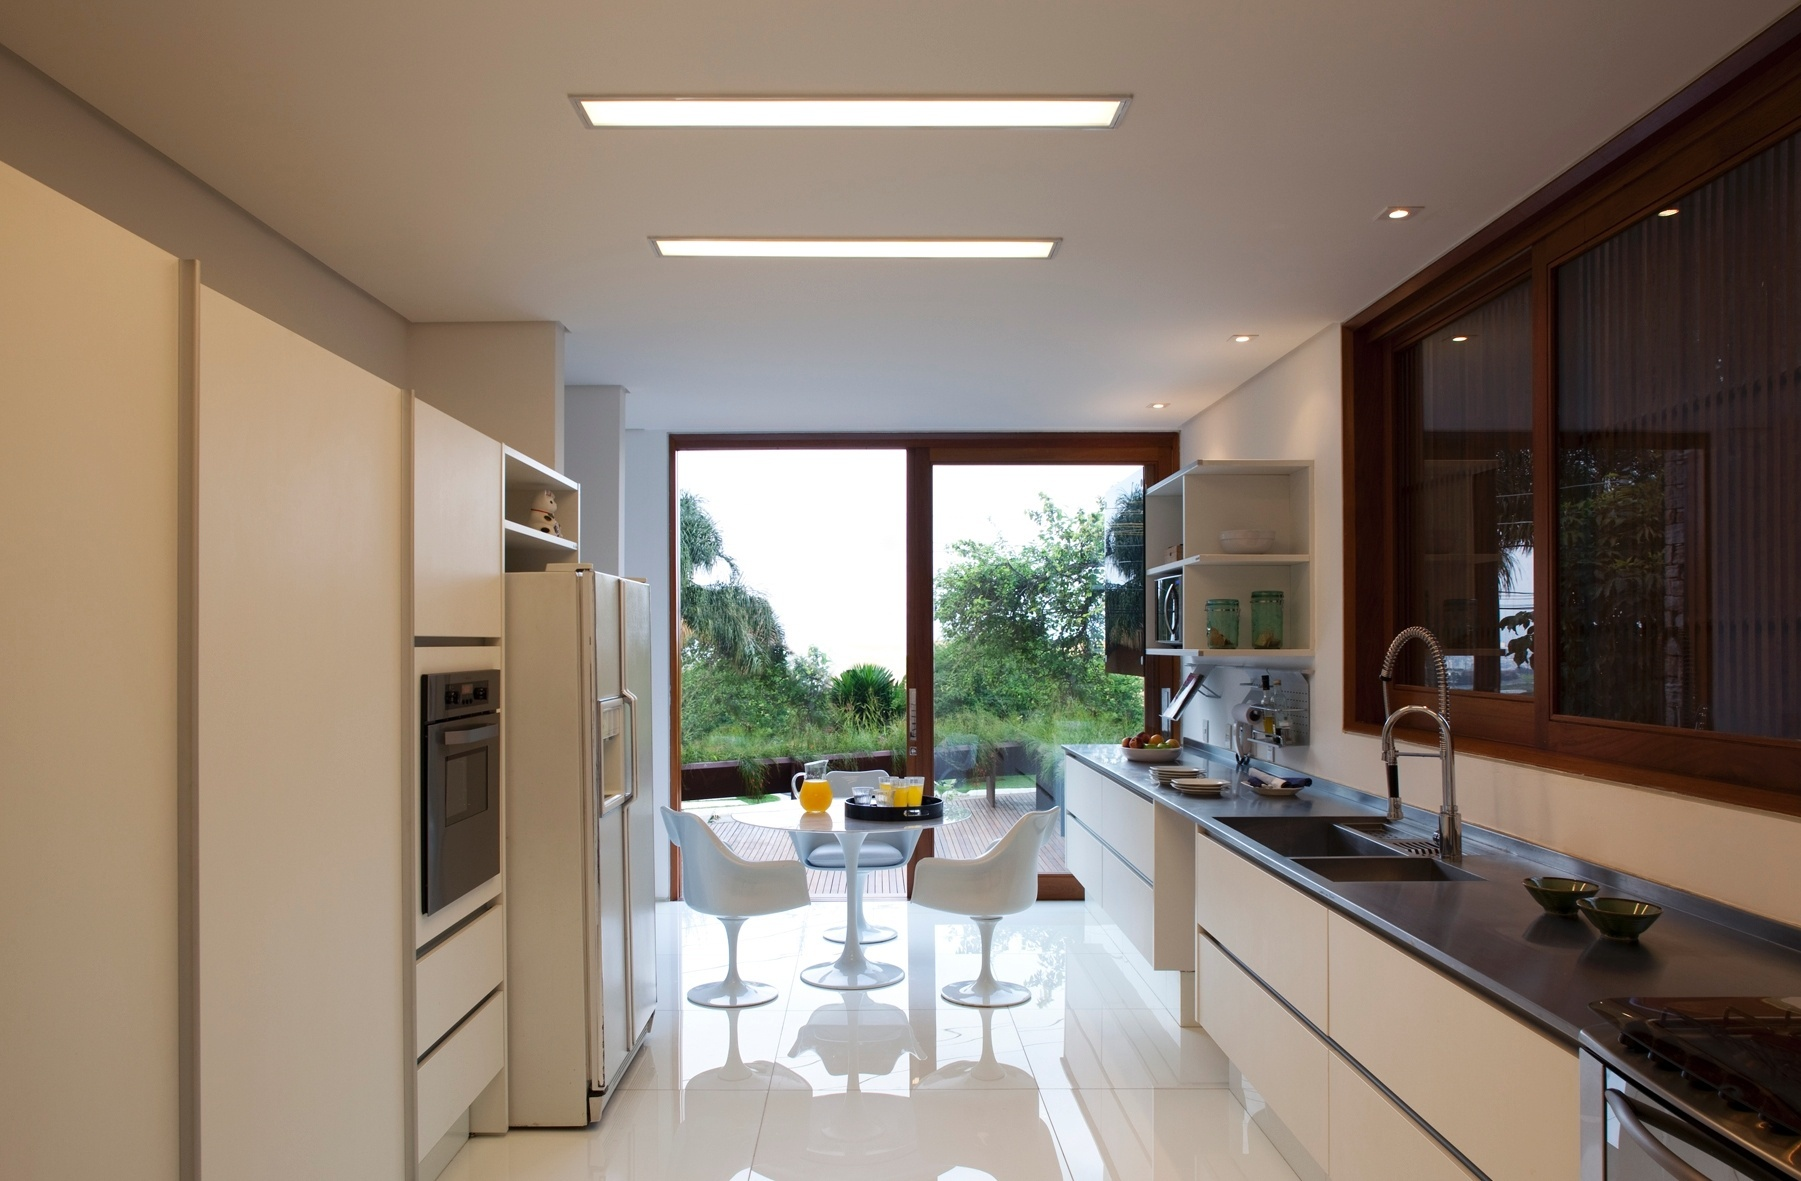 #2D201B com o meio externo por uma porta de vidro de correr. Do lado de  1801x1181 px Projetos De Cozinhas Externas Pequenas #565 imagens